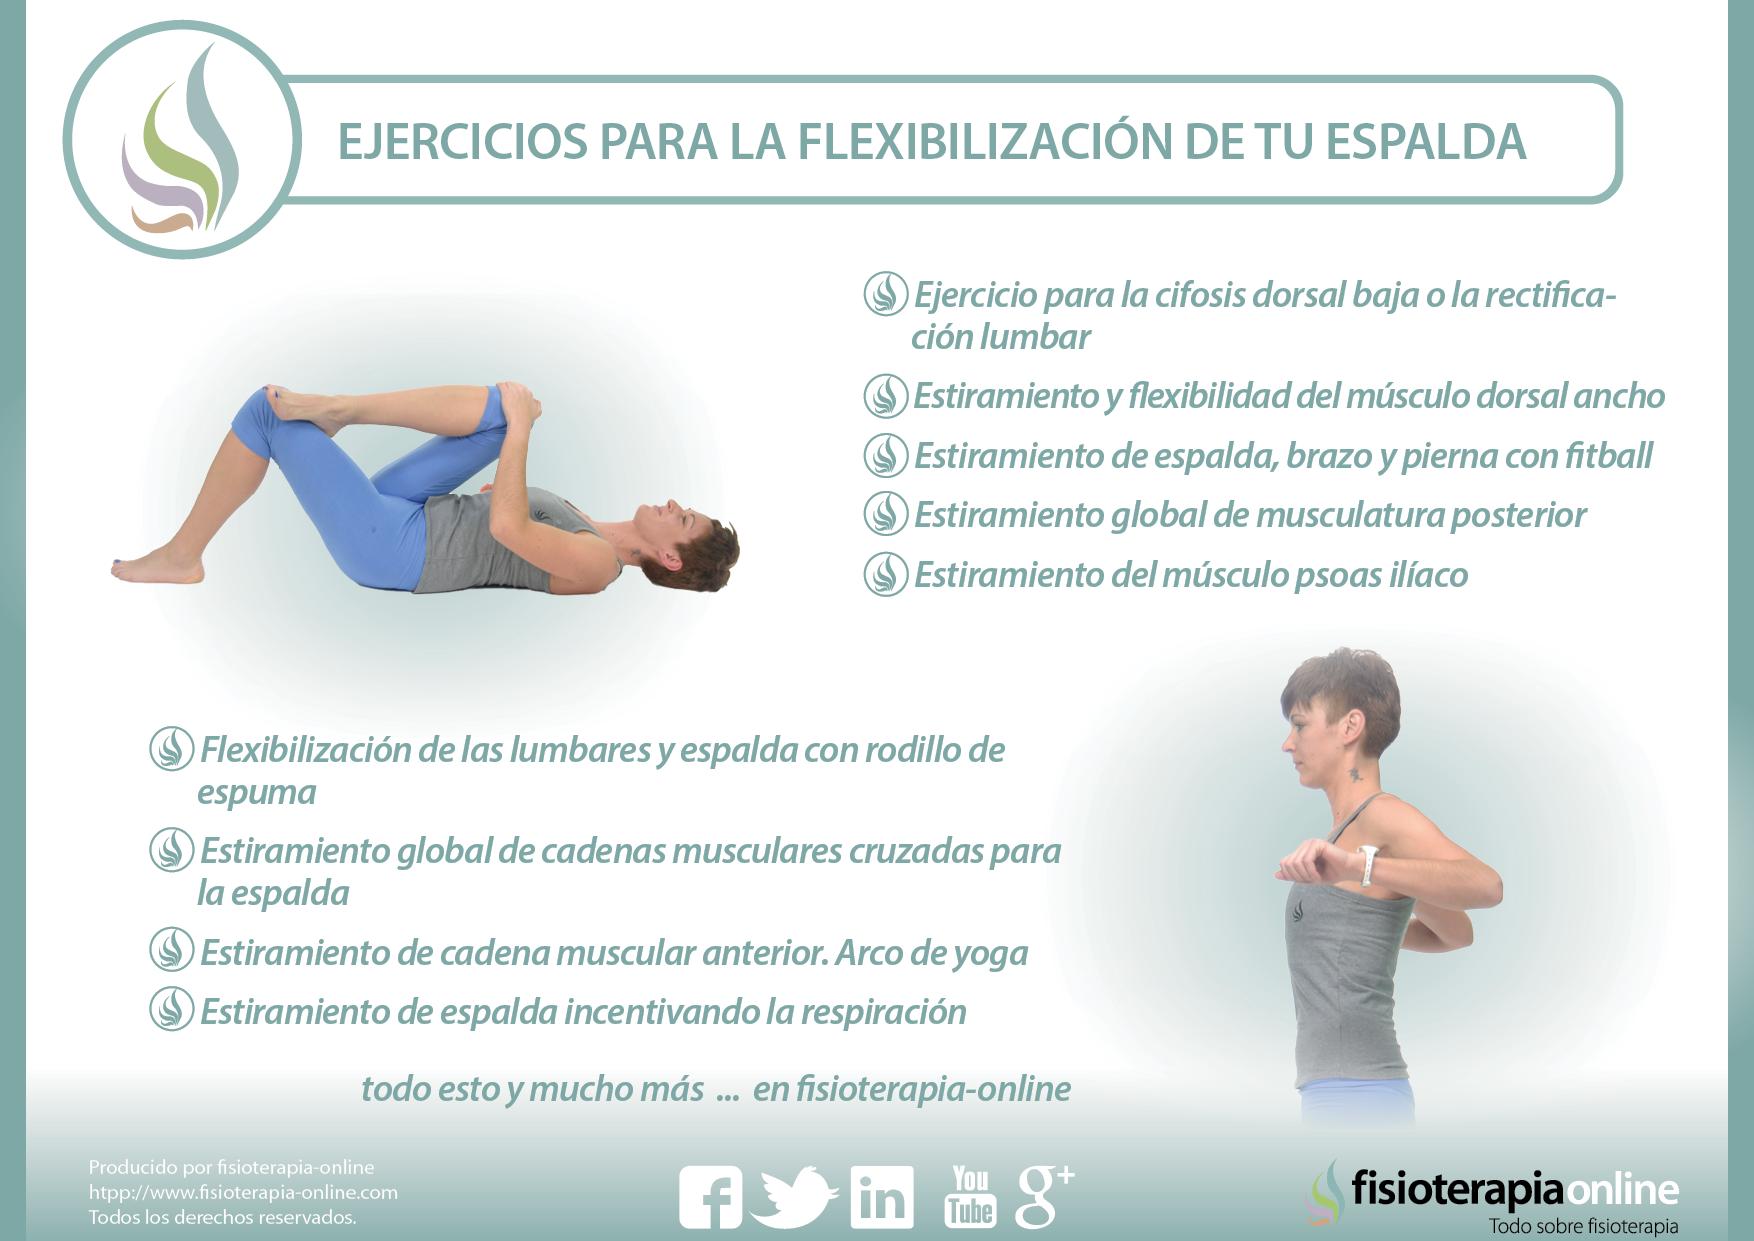 Flexibiliza tu espalda | Fisioterapia Online